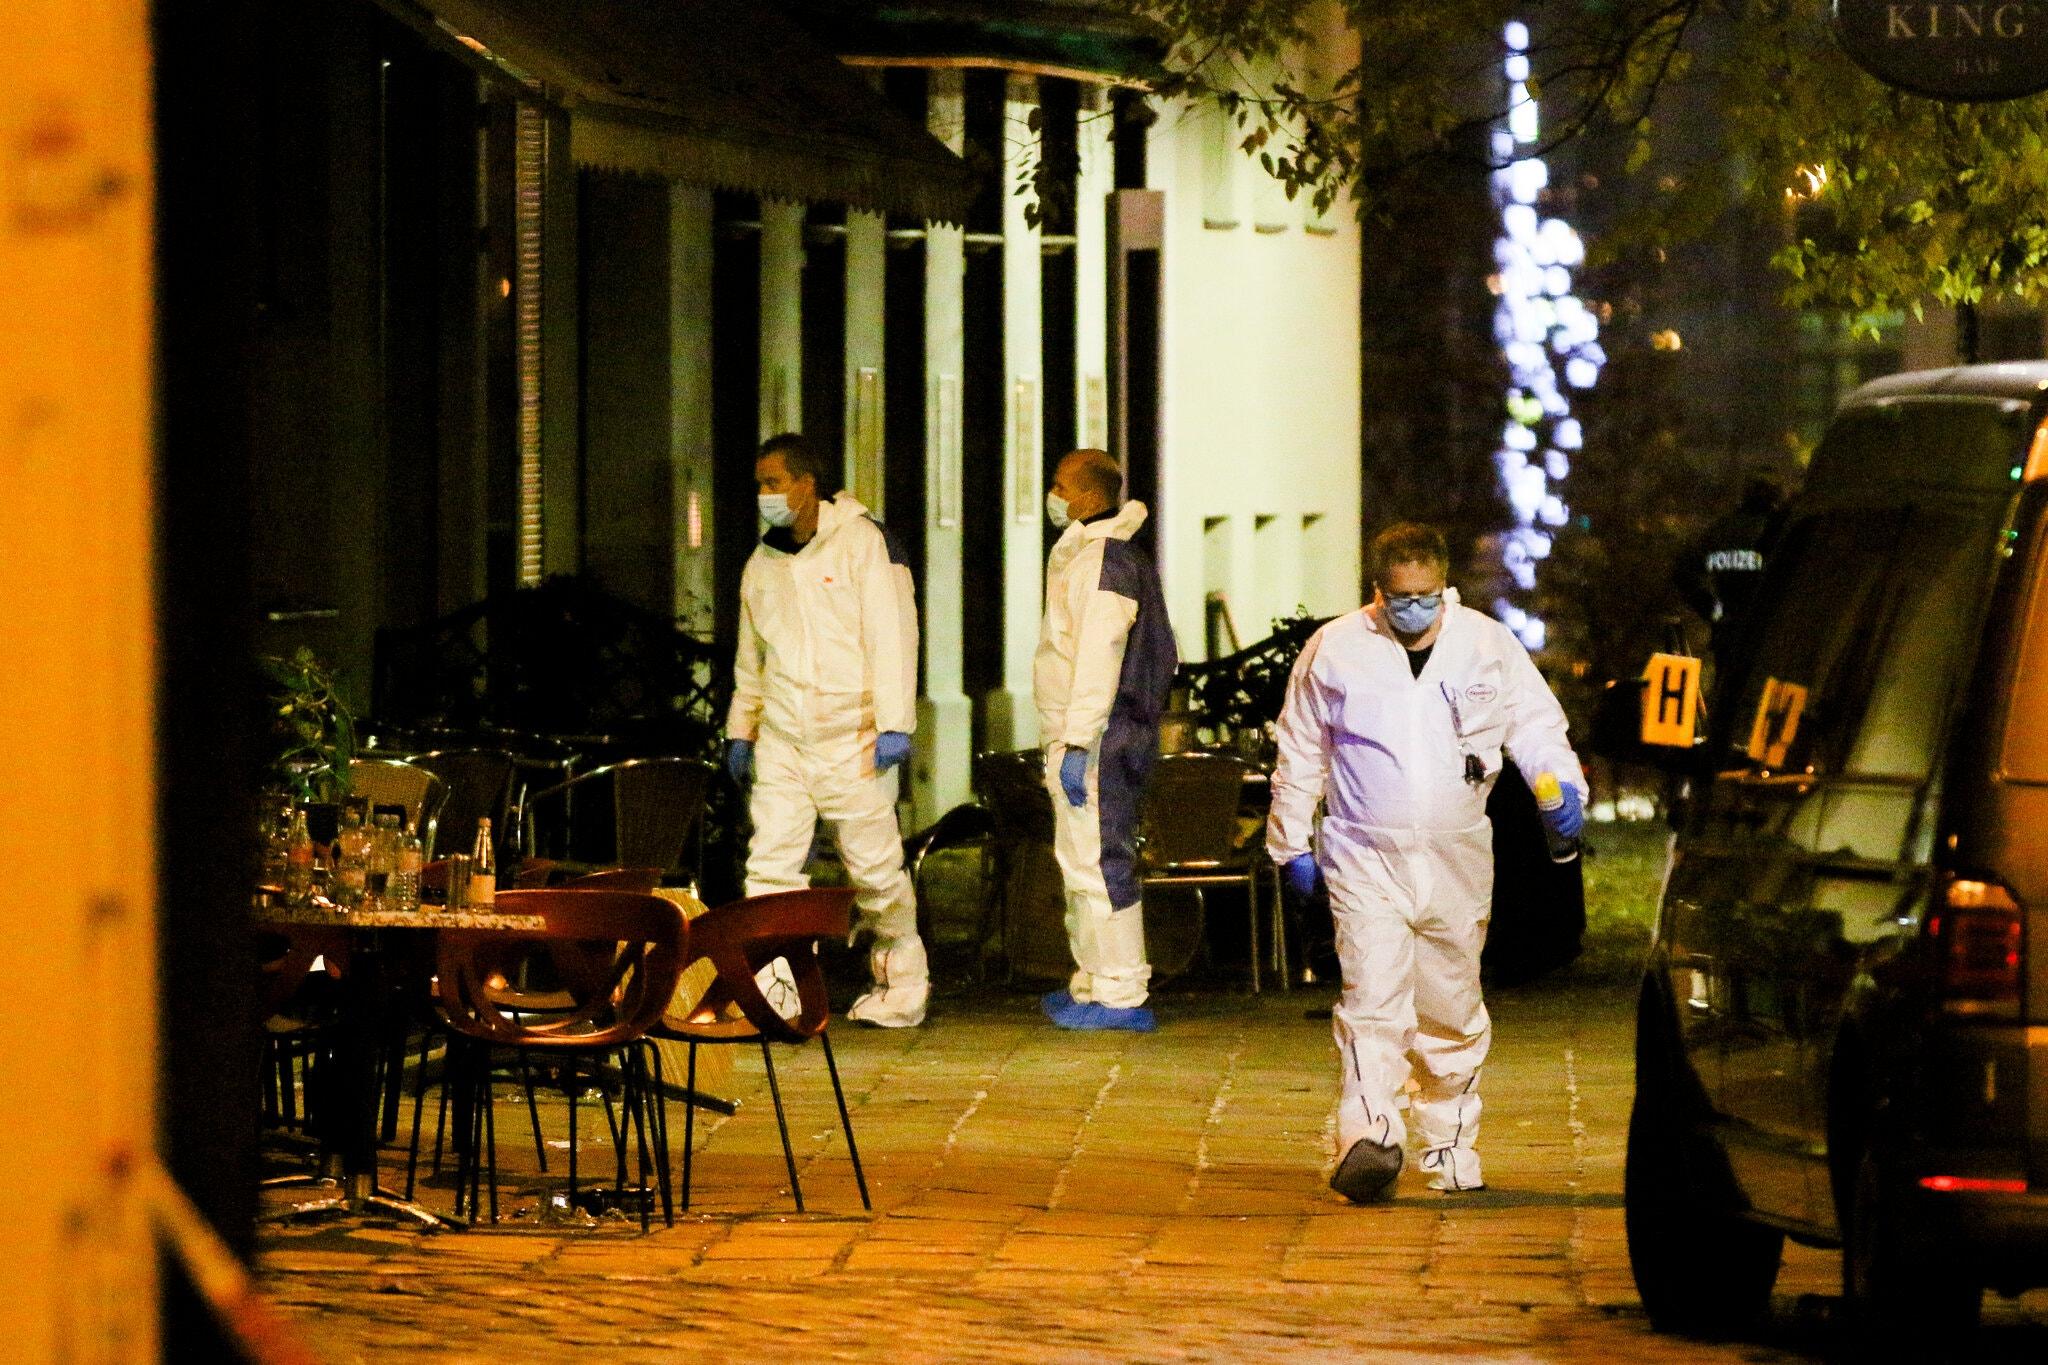 Džihadisti napadli na Dunaju. Kje bodo udarili naslednjič?